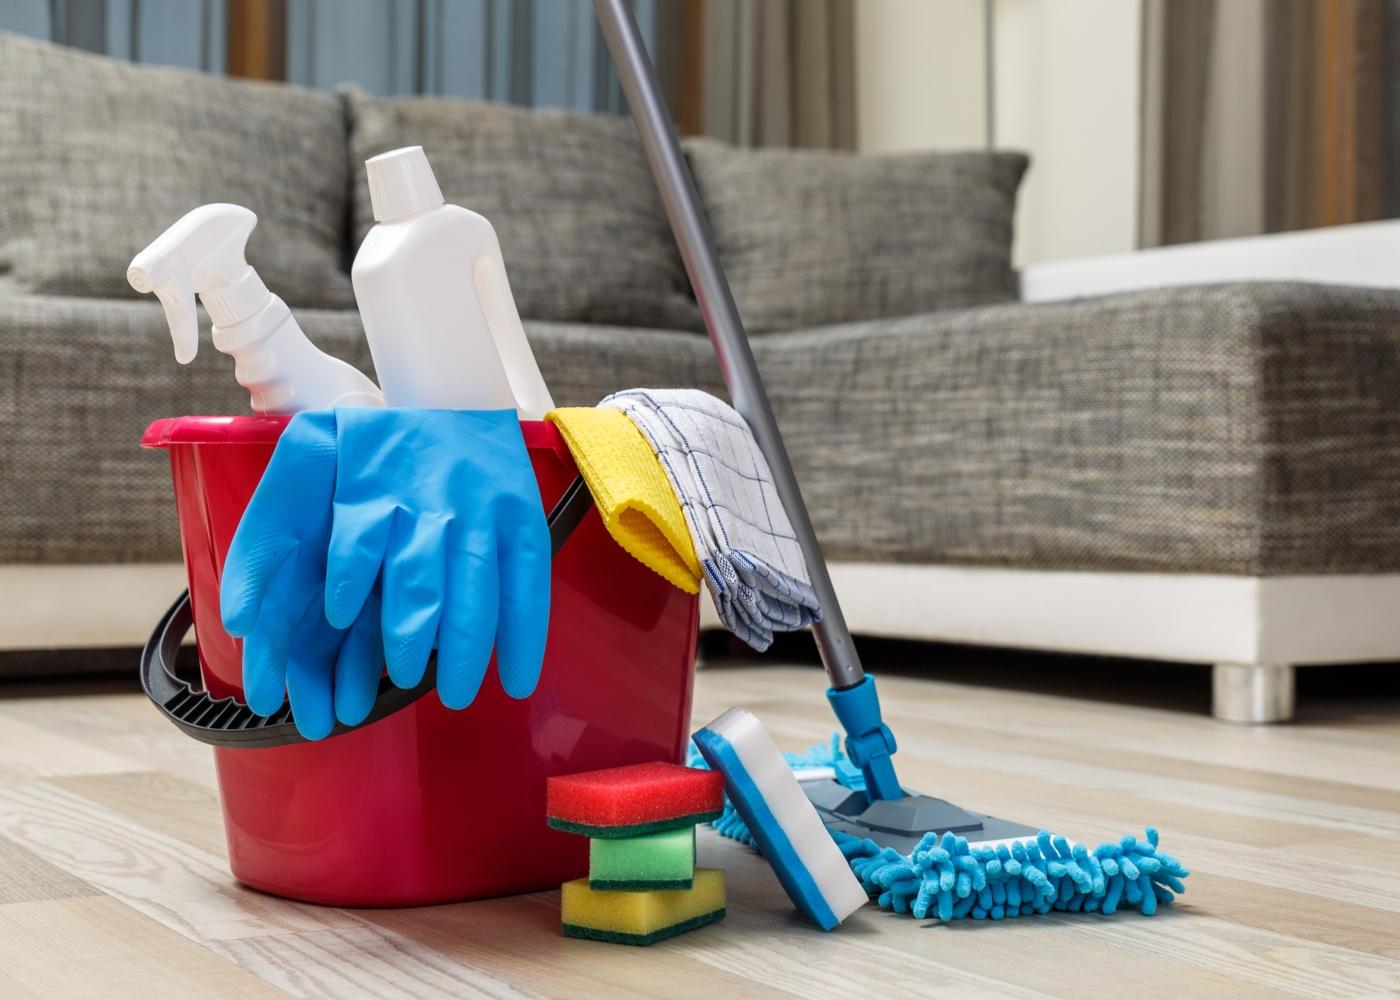 Como desinfetar objetos: áreas de passagem frequente